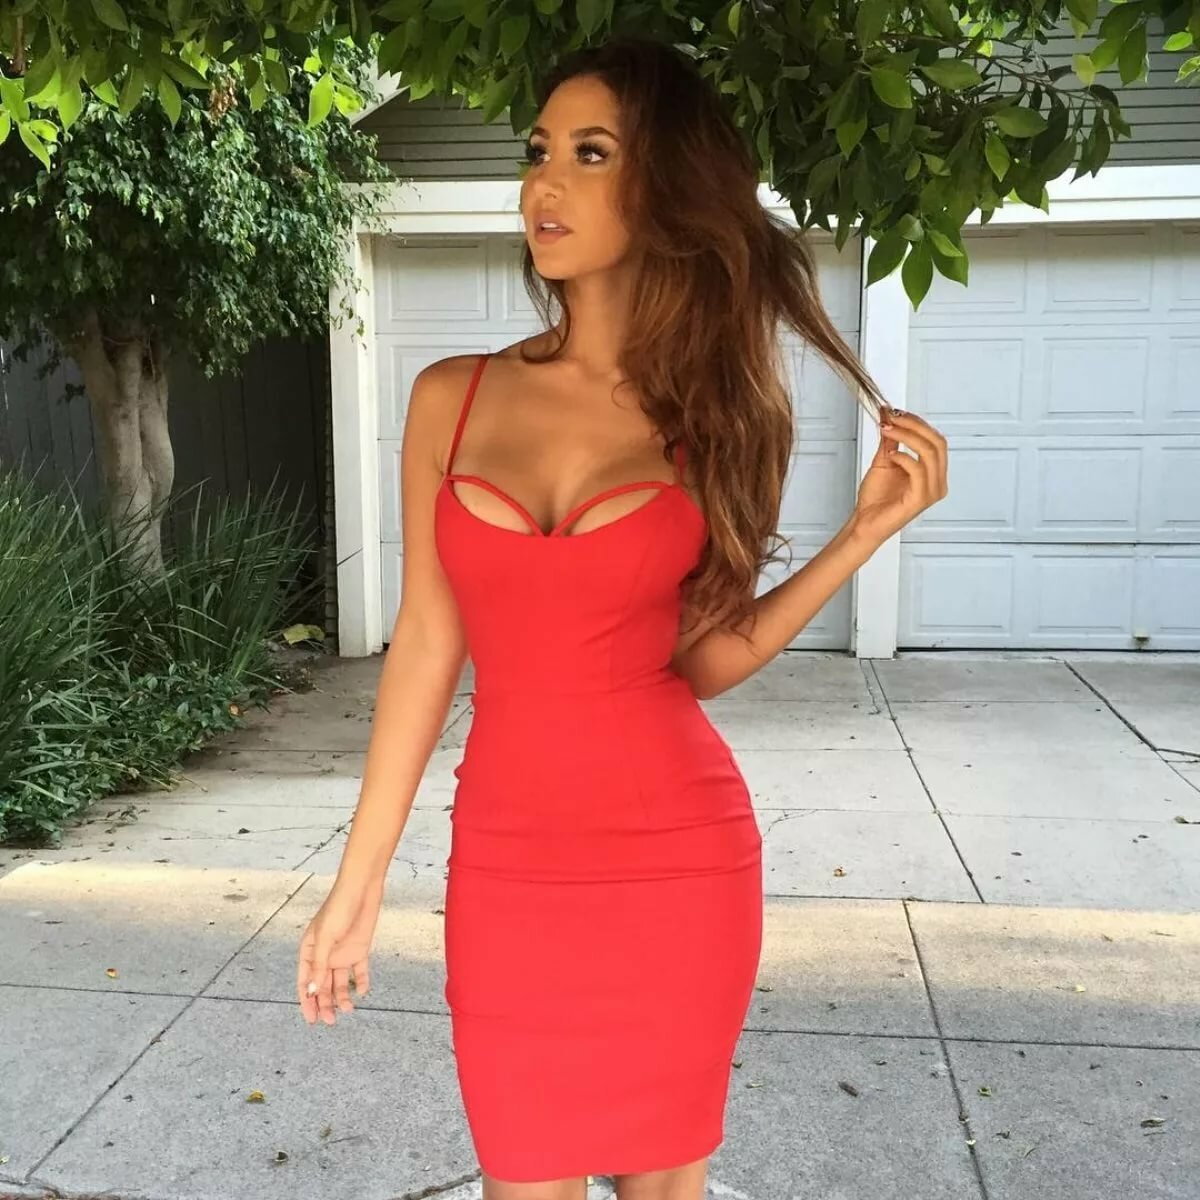 Обтягивающее красивое платье картинки